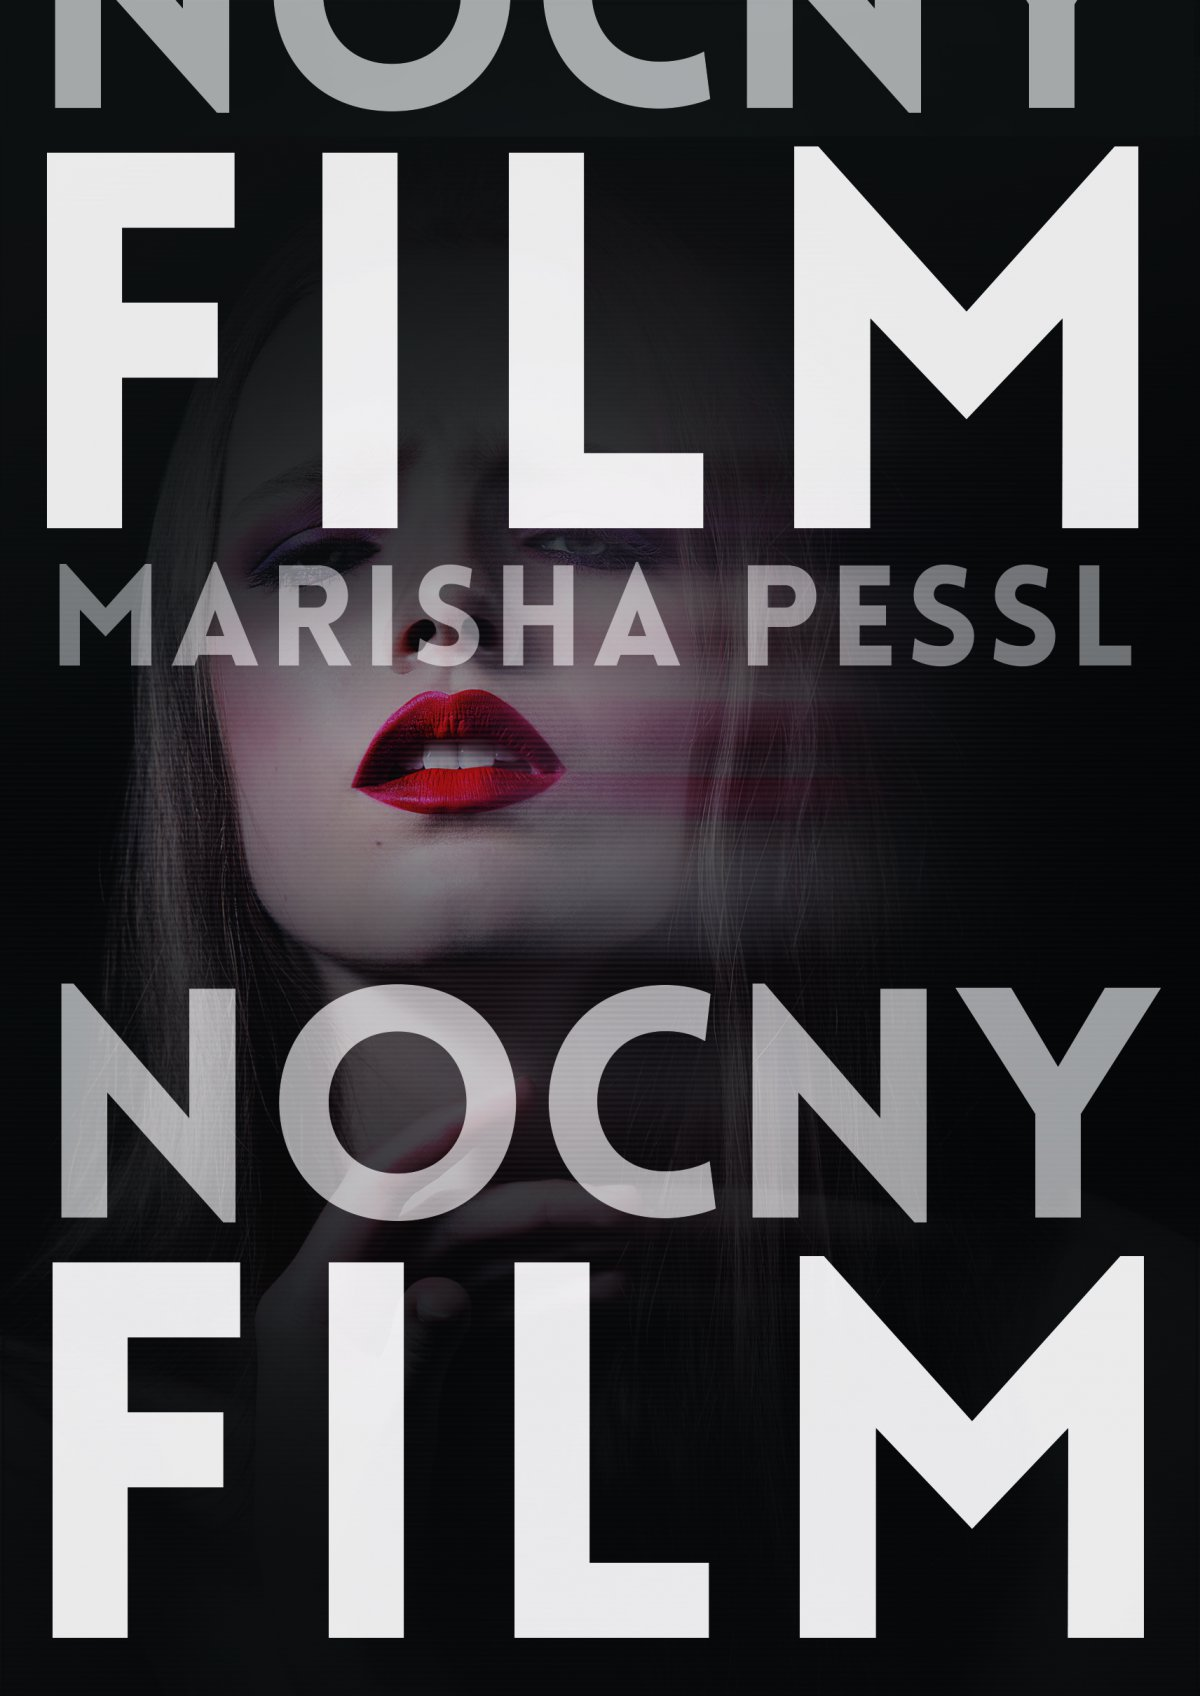 Nocny film. - Ebook (Książka EPUB) do pobrania w formacie EPUB